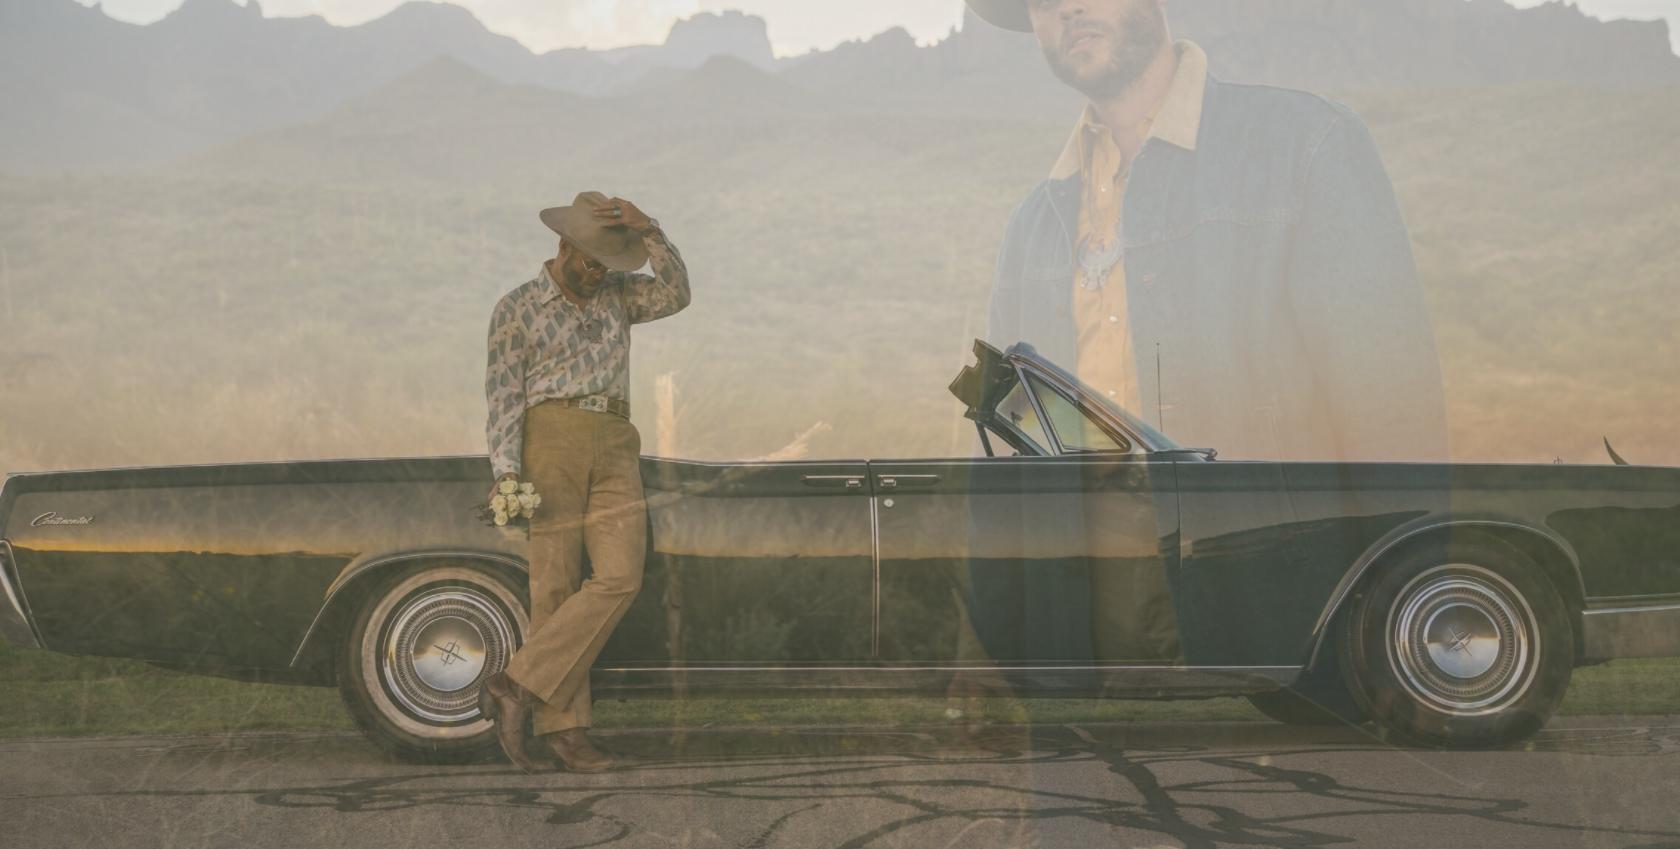 charley crockett: lanzará su nuevo álbum Music City USA el 17 de septiembre 6